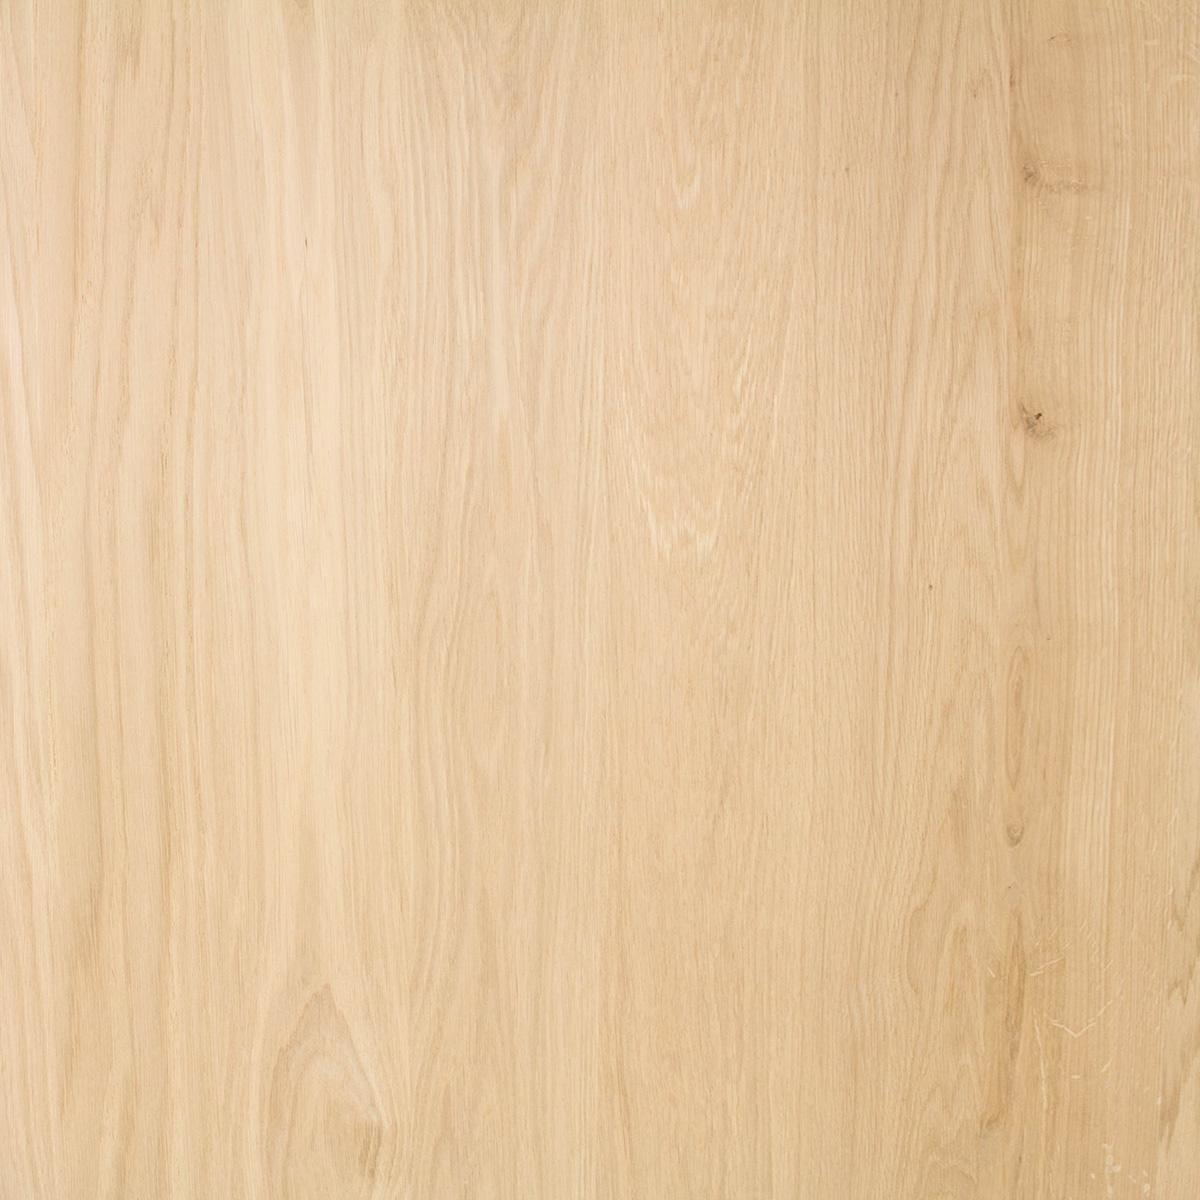 Eiken paneel - 3 cm dik (1-laag) - 122 cm breed - 140 - 300 cm lang in lengtestaffels van 20 cm - Foutvrij (A) eikenhout kd 8-12% - verlijmd - doorgaande lamellen